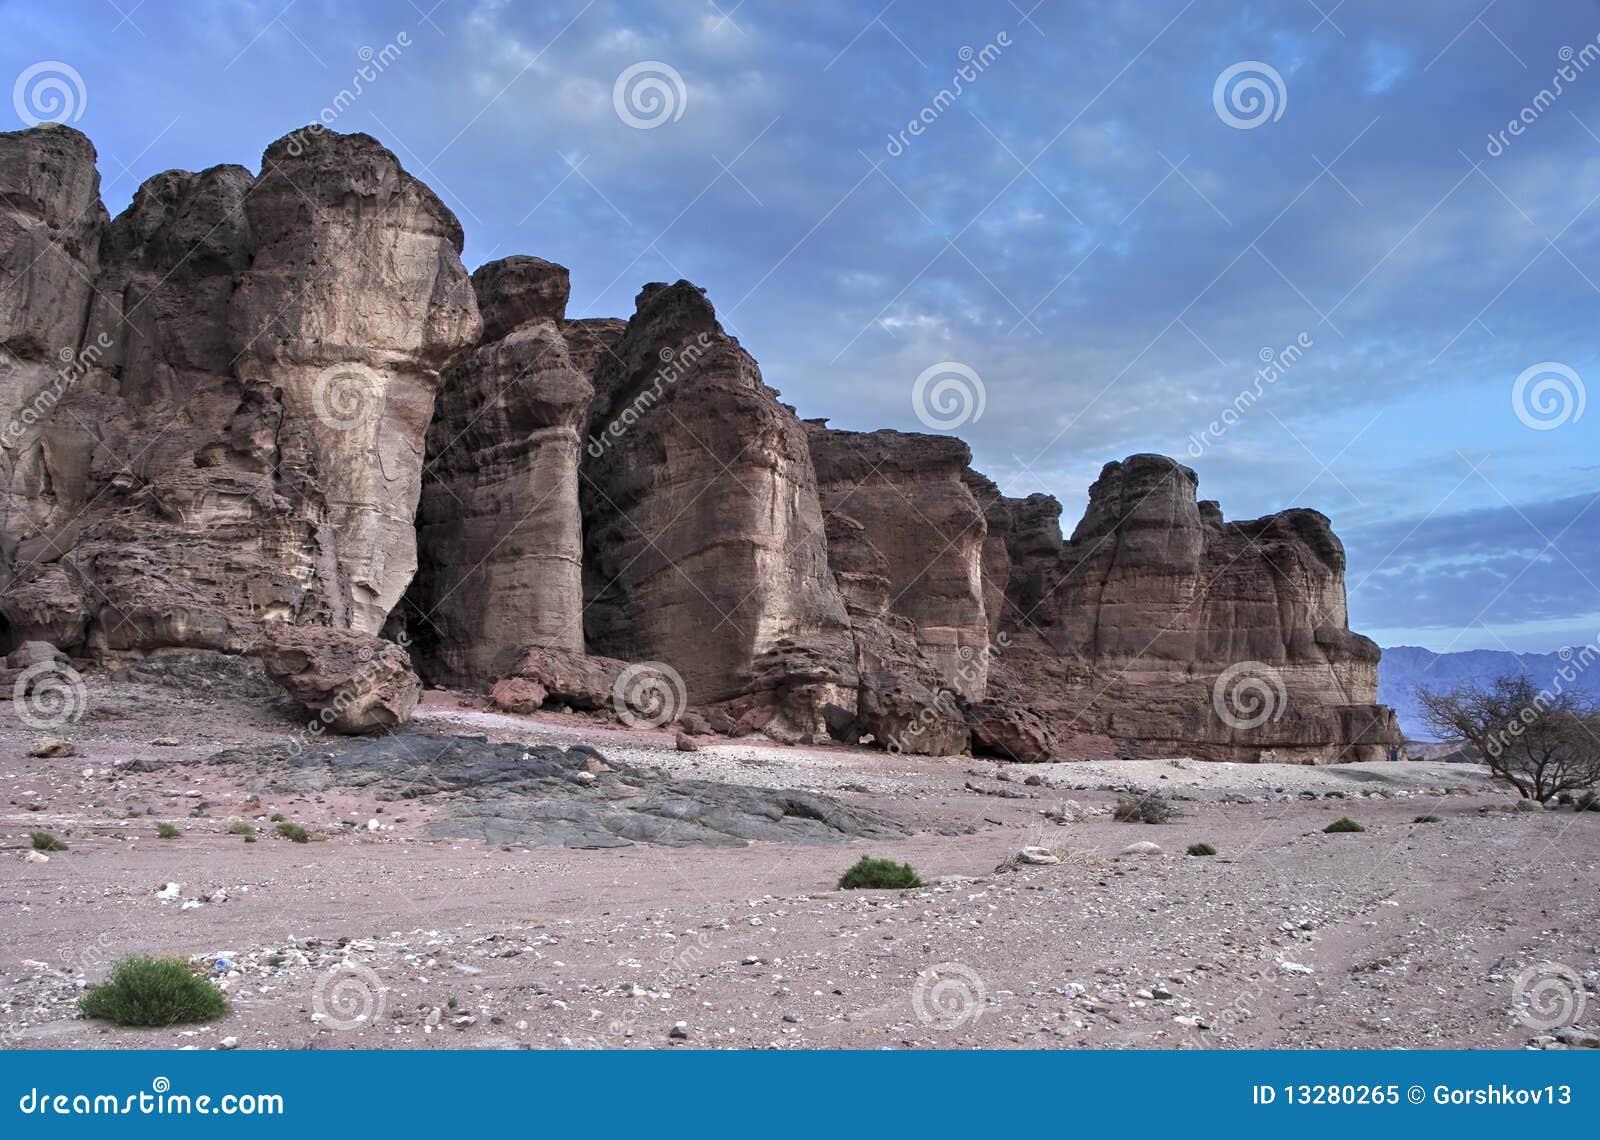 Pillars of Solomon